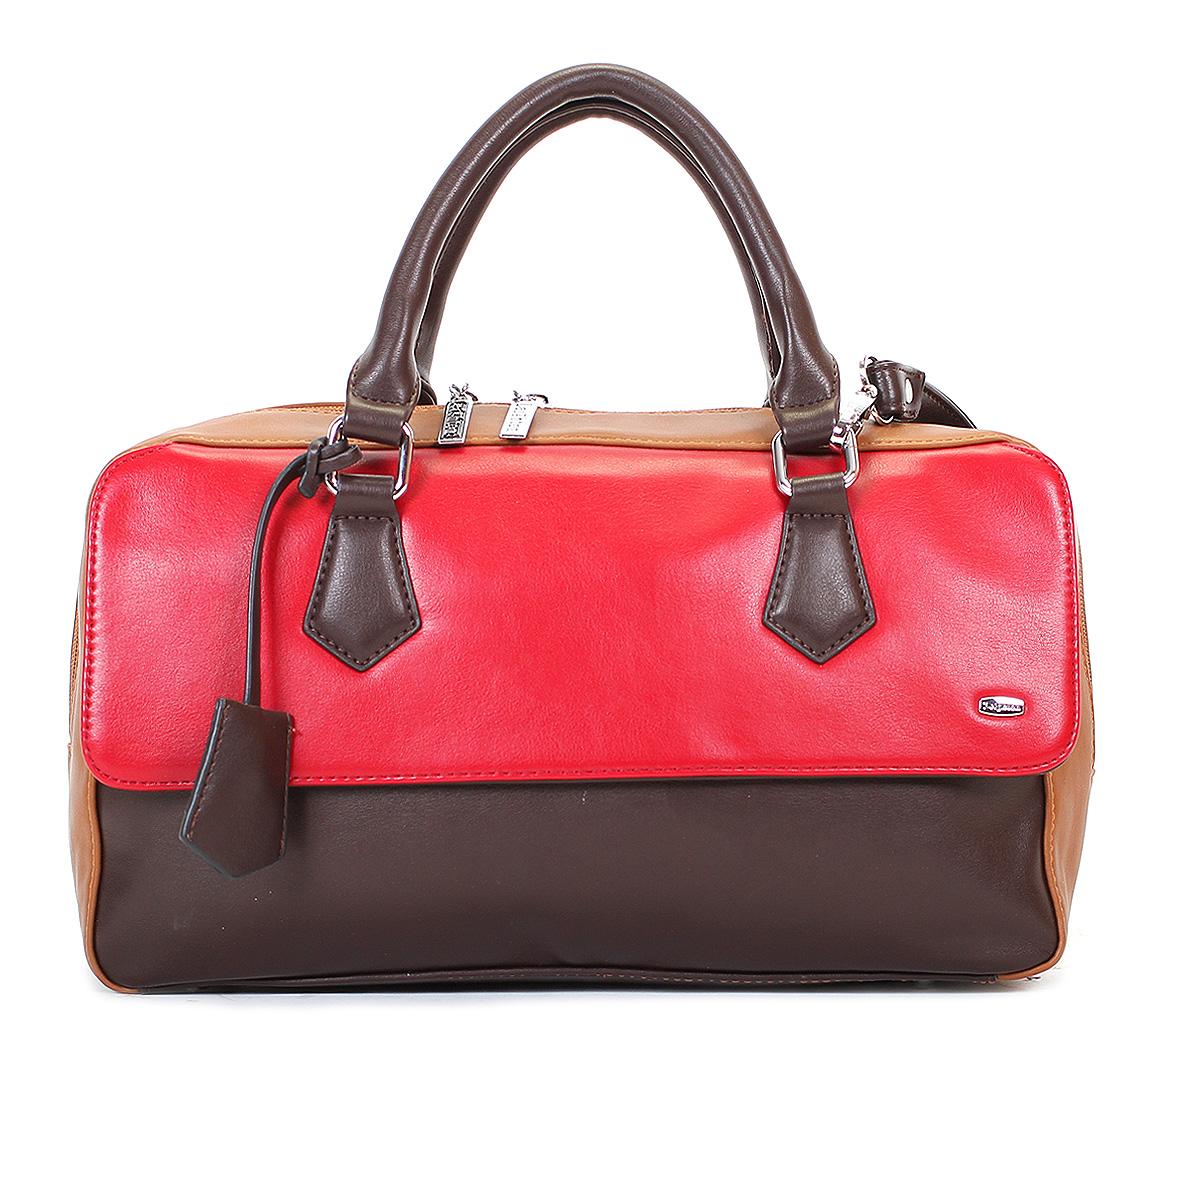 Сумка женская Leighton, цвет: коричневый, рыжий, темно-красный. 570425-1166/201/1166/619/1166/206570425-1166/201/1166/619/Стильная женская сумка Leighton выполнена из высококачественной искусственной кожи с отделкой из натуральной замши. Сумка имеет одно вместительное отделение, закрывающееся на застежку-молнию. Внутри - два кармана на молниях и два накладных кармана для мелочей. С внешней стороны под клапаном расположен вшитый карман на молнии, на задней стенке сумки - дополнительный карман на молнии. Сумка оснащена двумя ручками. В комплекте чехол для хранения и съемный плечевой ремень. Фурнитура - серебристого цвета. Сумка - это стильный аксессуар, который подчеркнет вашу индивидуальность и сделает ваш образ завершенным. Классическое цветовое сочетание, стильный декор, модный дизайн - прекрасное дополнение к гардеробу любой модницы.